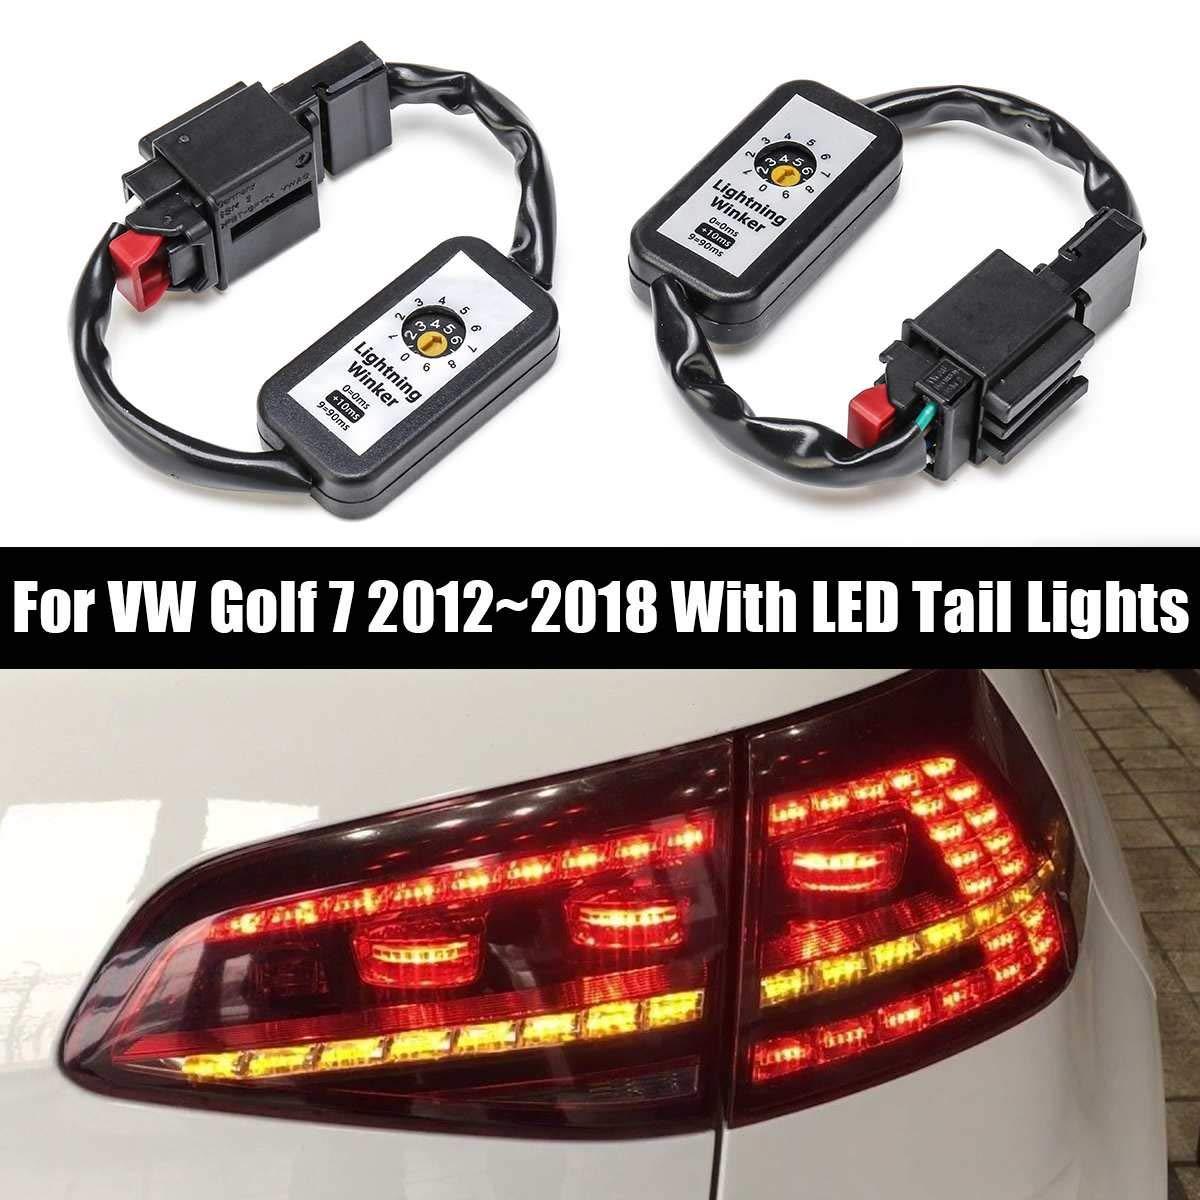 Czarny dynamiczne włączyć wskaźnik sygnału tylne światło LED dodatkowy moduł złącze do wiązki kablowej dla VW Golf 7 z lewej i prawej strony tylnego światła 2 sztuk